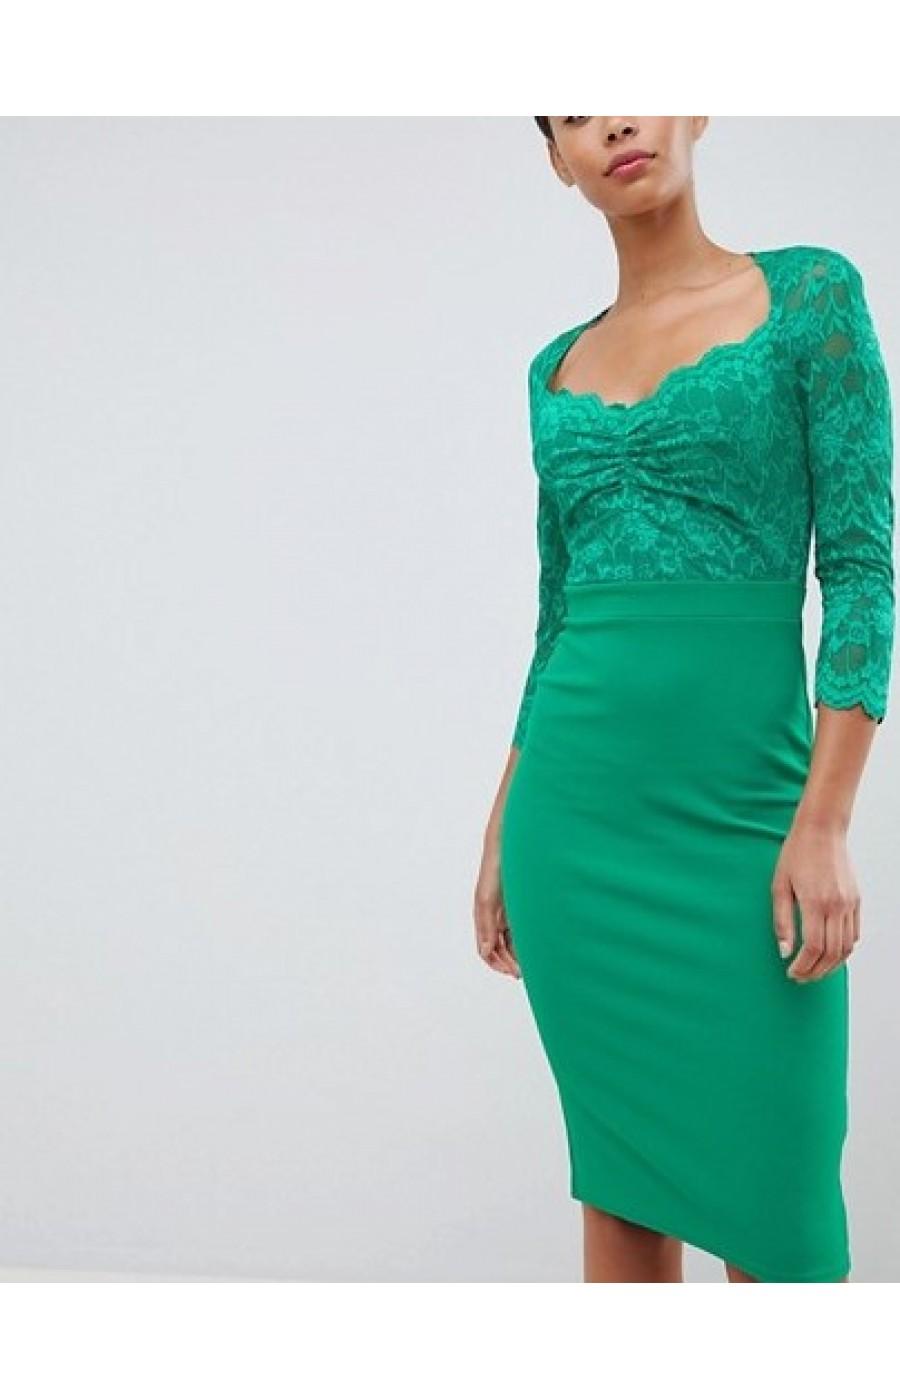 Πράσινο μιντι φόρεμ με λεπτομερεια απο δαντελα